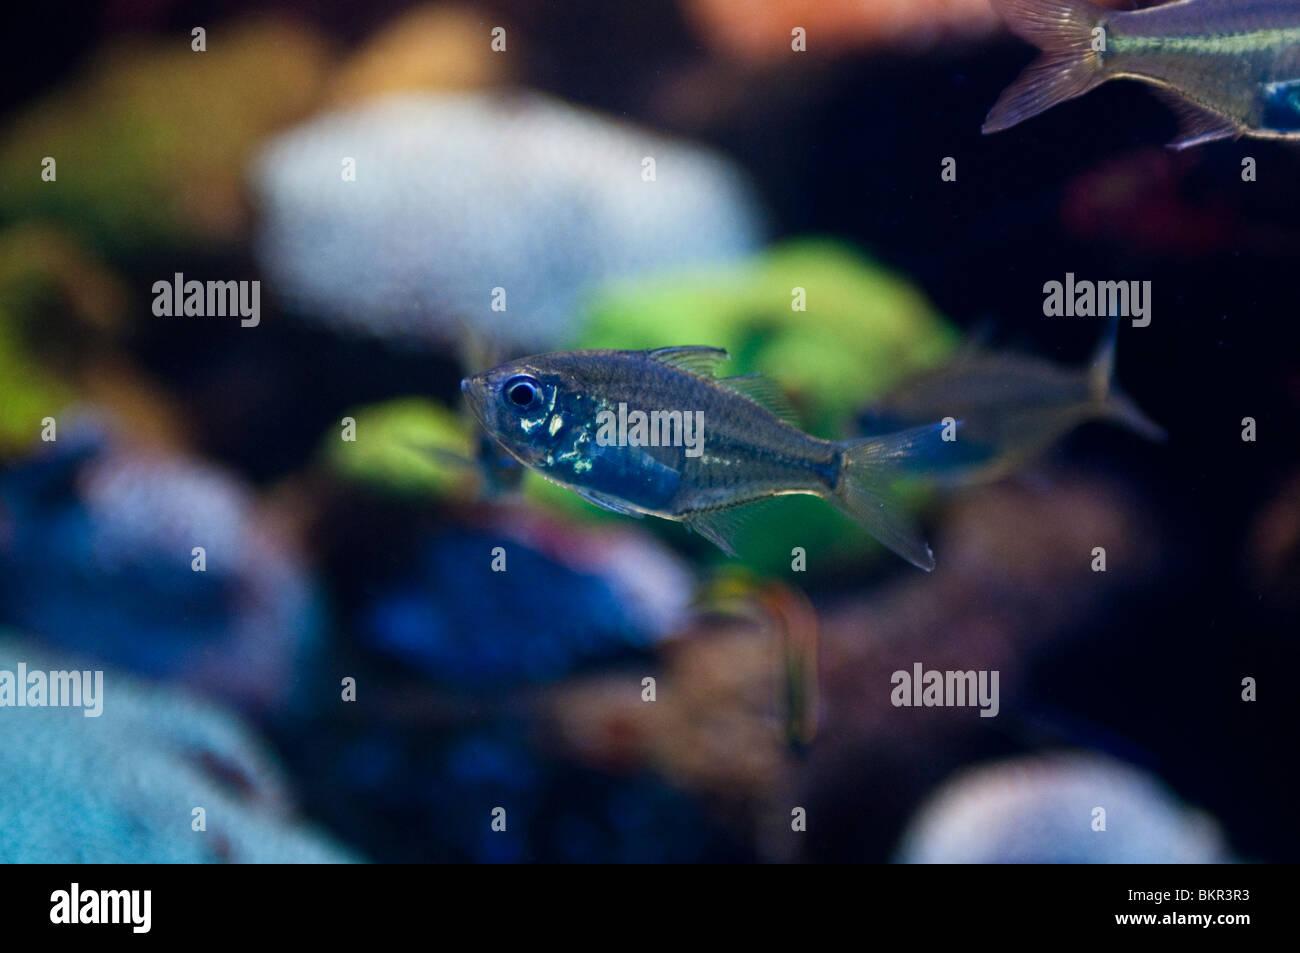 Fish swimming against fluorescent coral,  Sydney Aquarium, Sydney, Australia - Stock Image